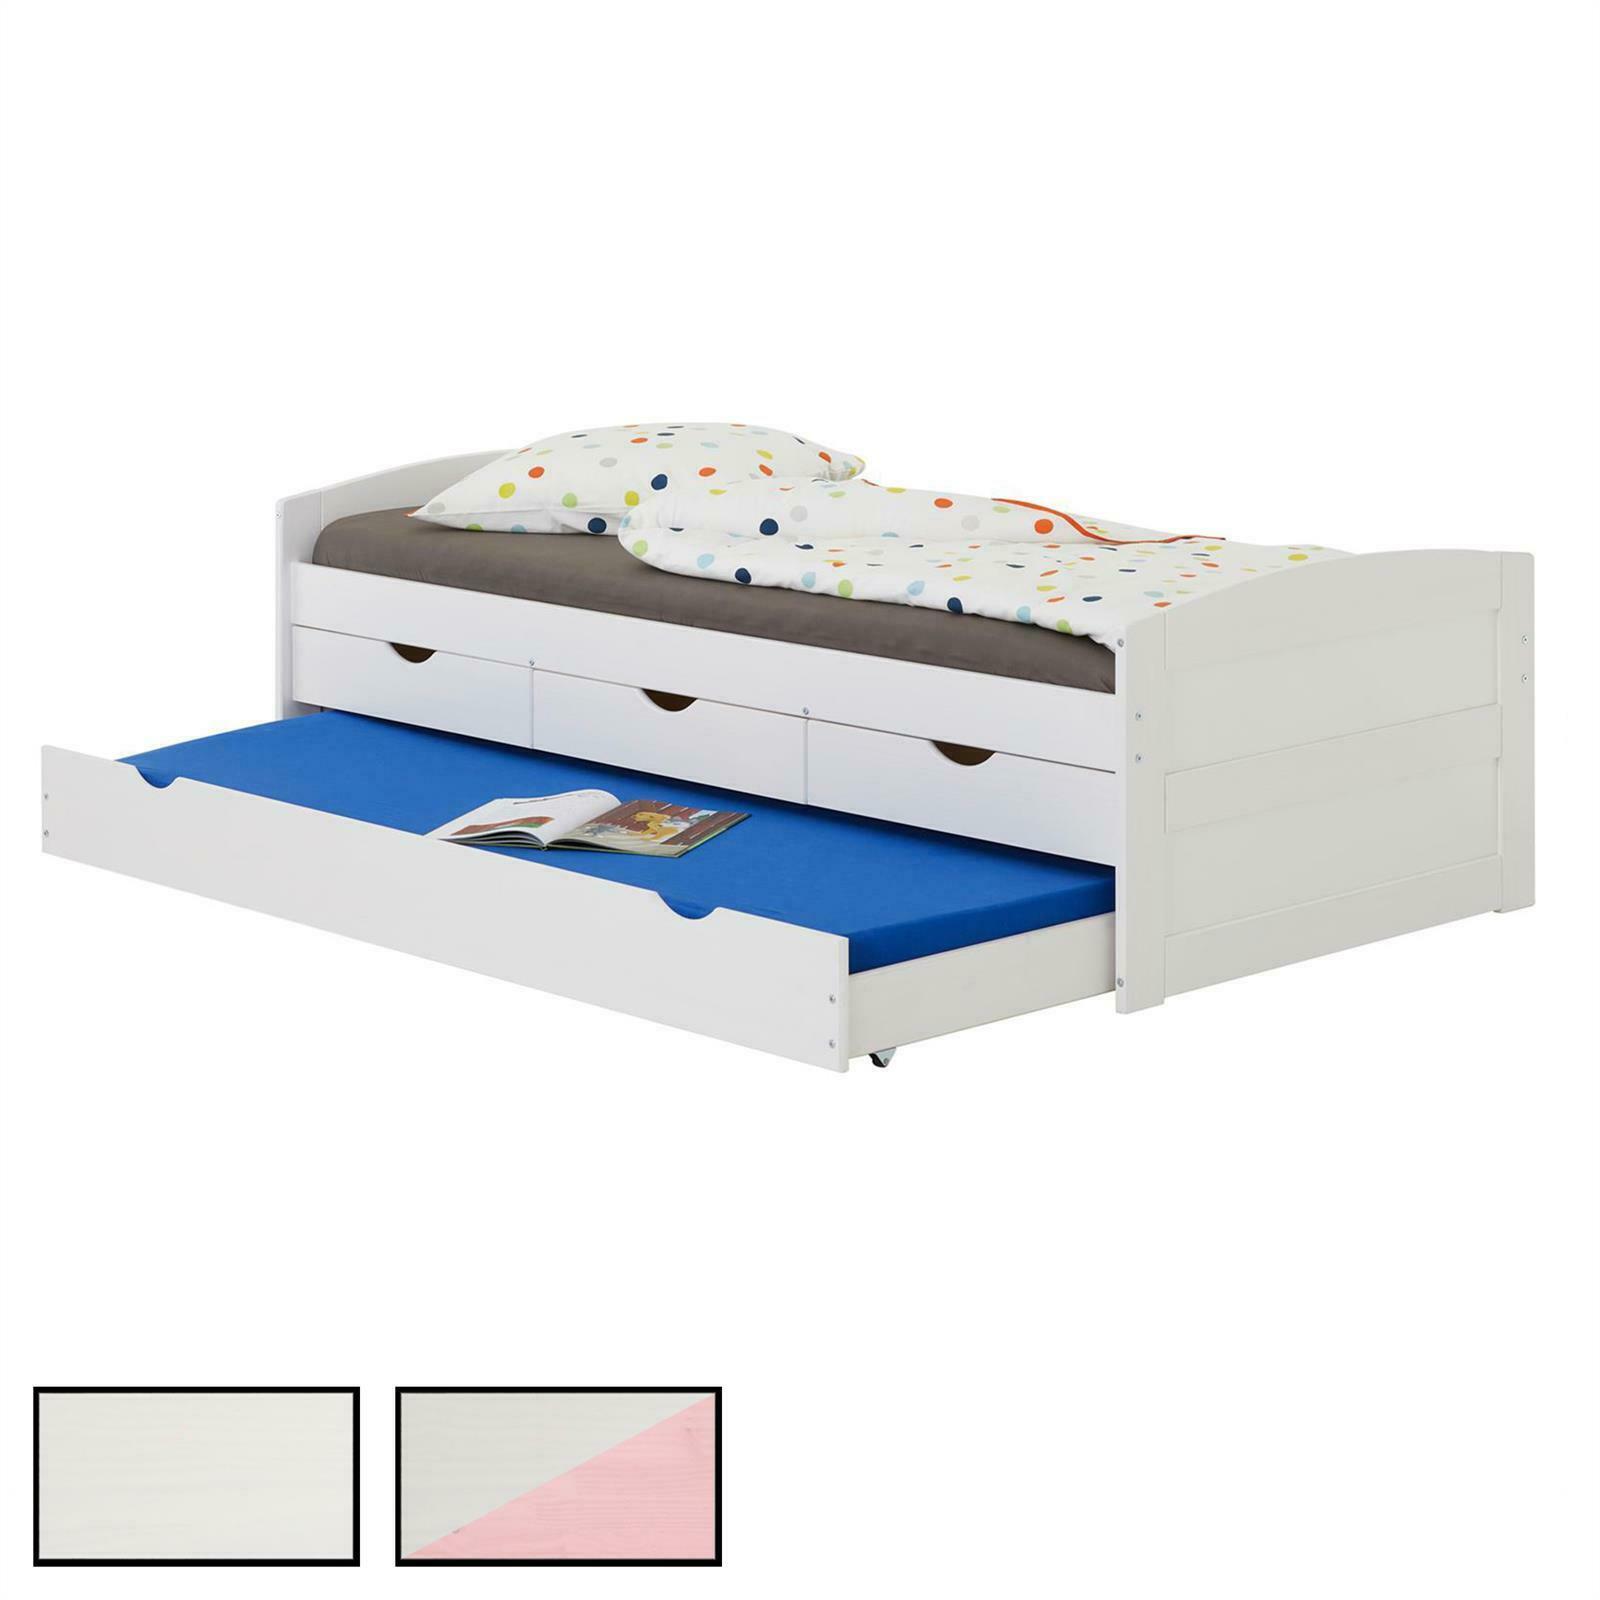 Full Size of Bett 120x200 Weiß Mit Bettkasten Matratze Und Lattenrost Betten Wohnzimmer Stauraumbett Funktionsbett 120x200